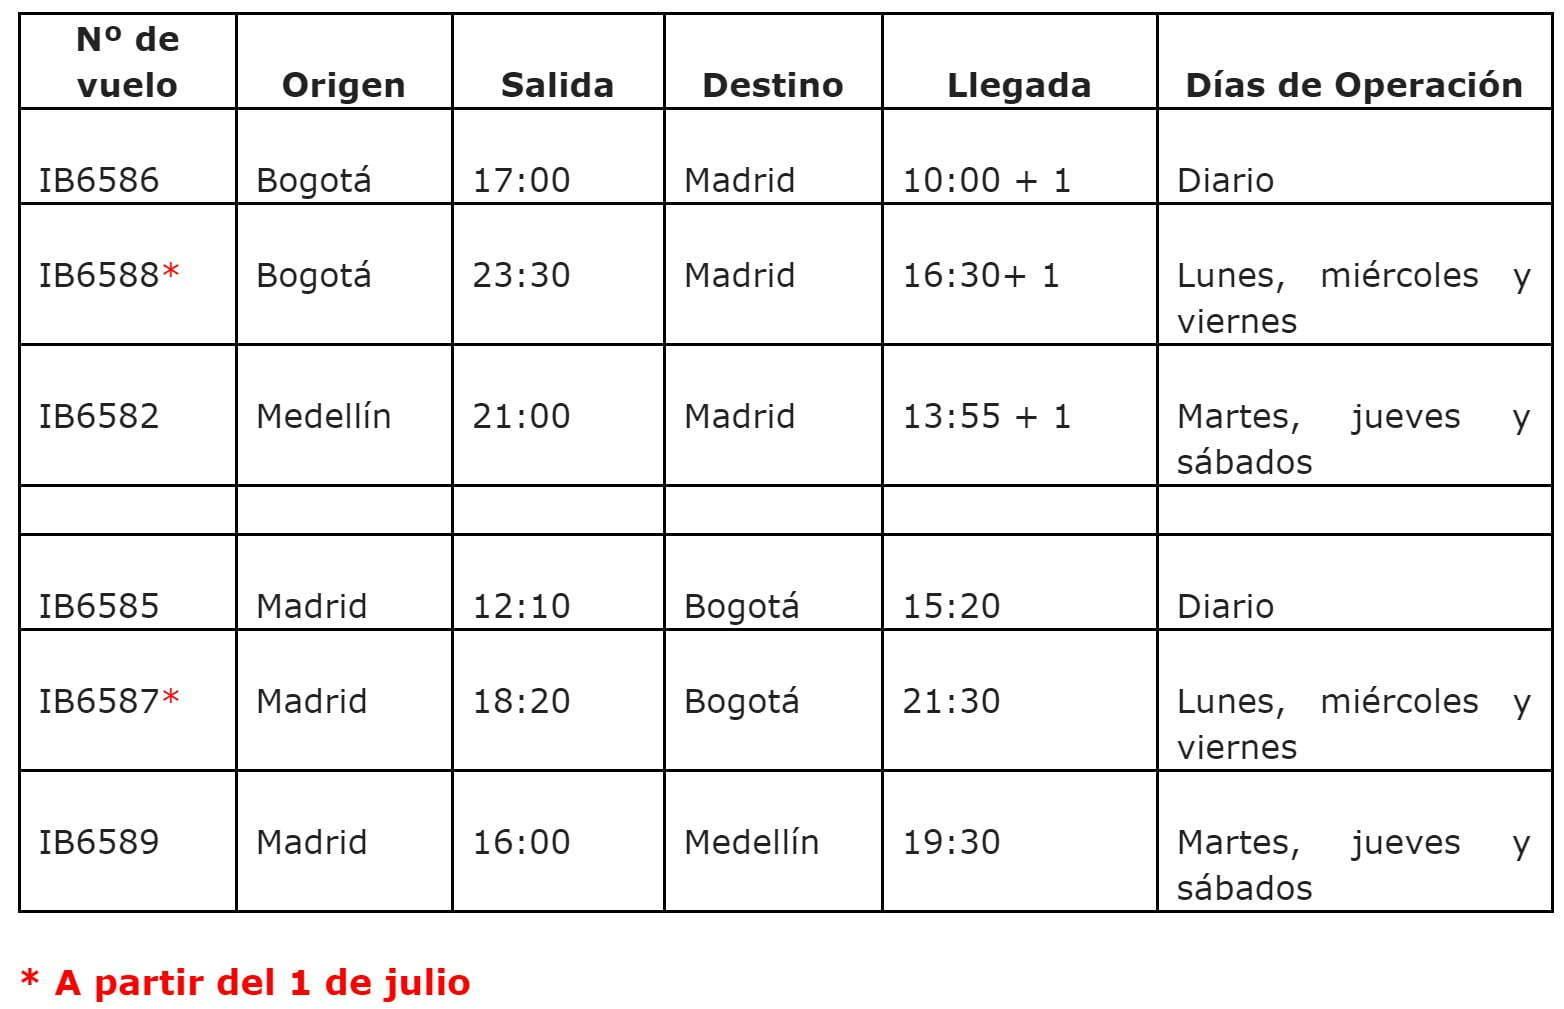 Itinerario de los vuelos de Iberia entre Madrid y Bogotá.